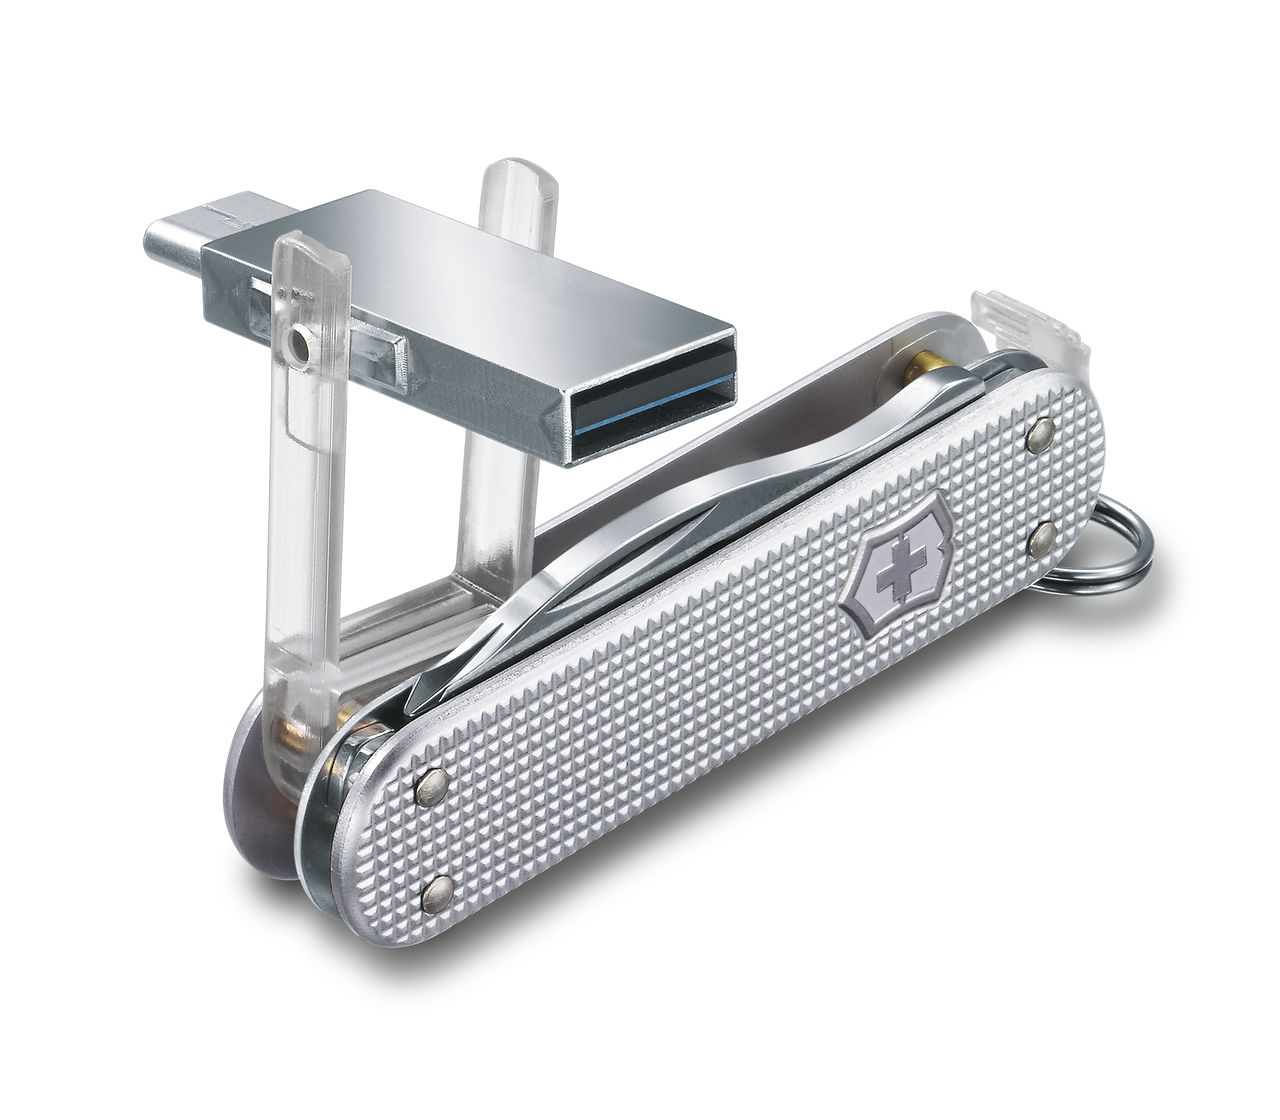 Victorinox Jetsetter Work Alox In Silver 4 6261 26g16b1